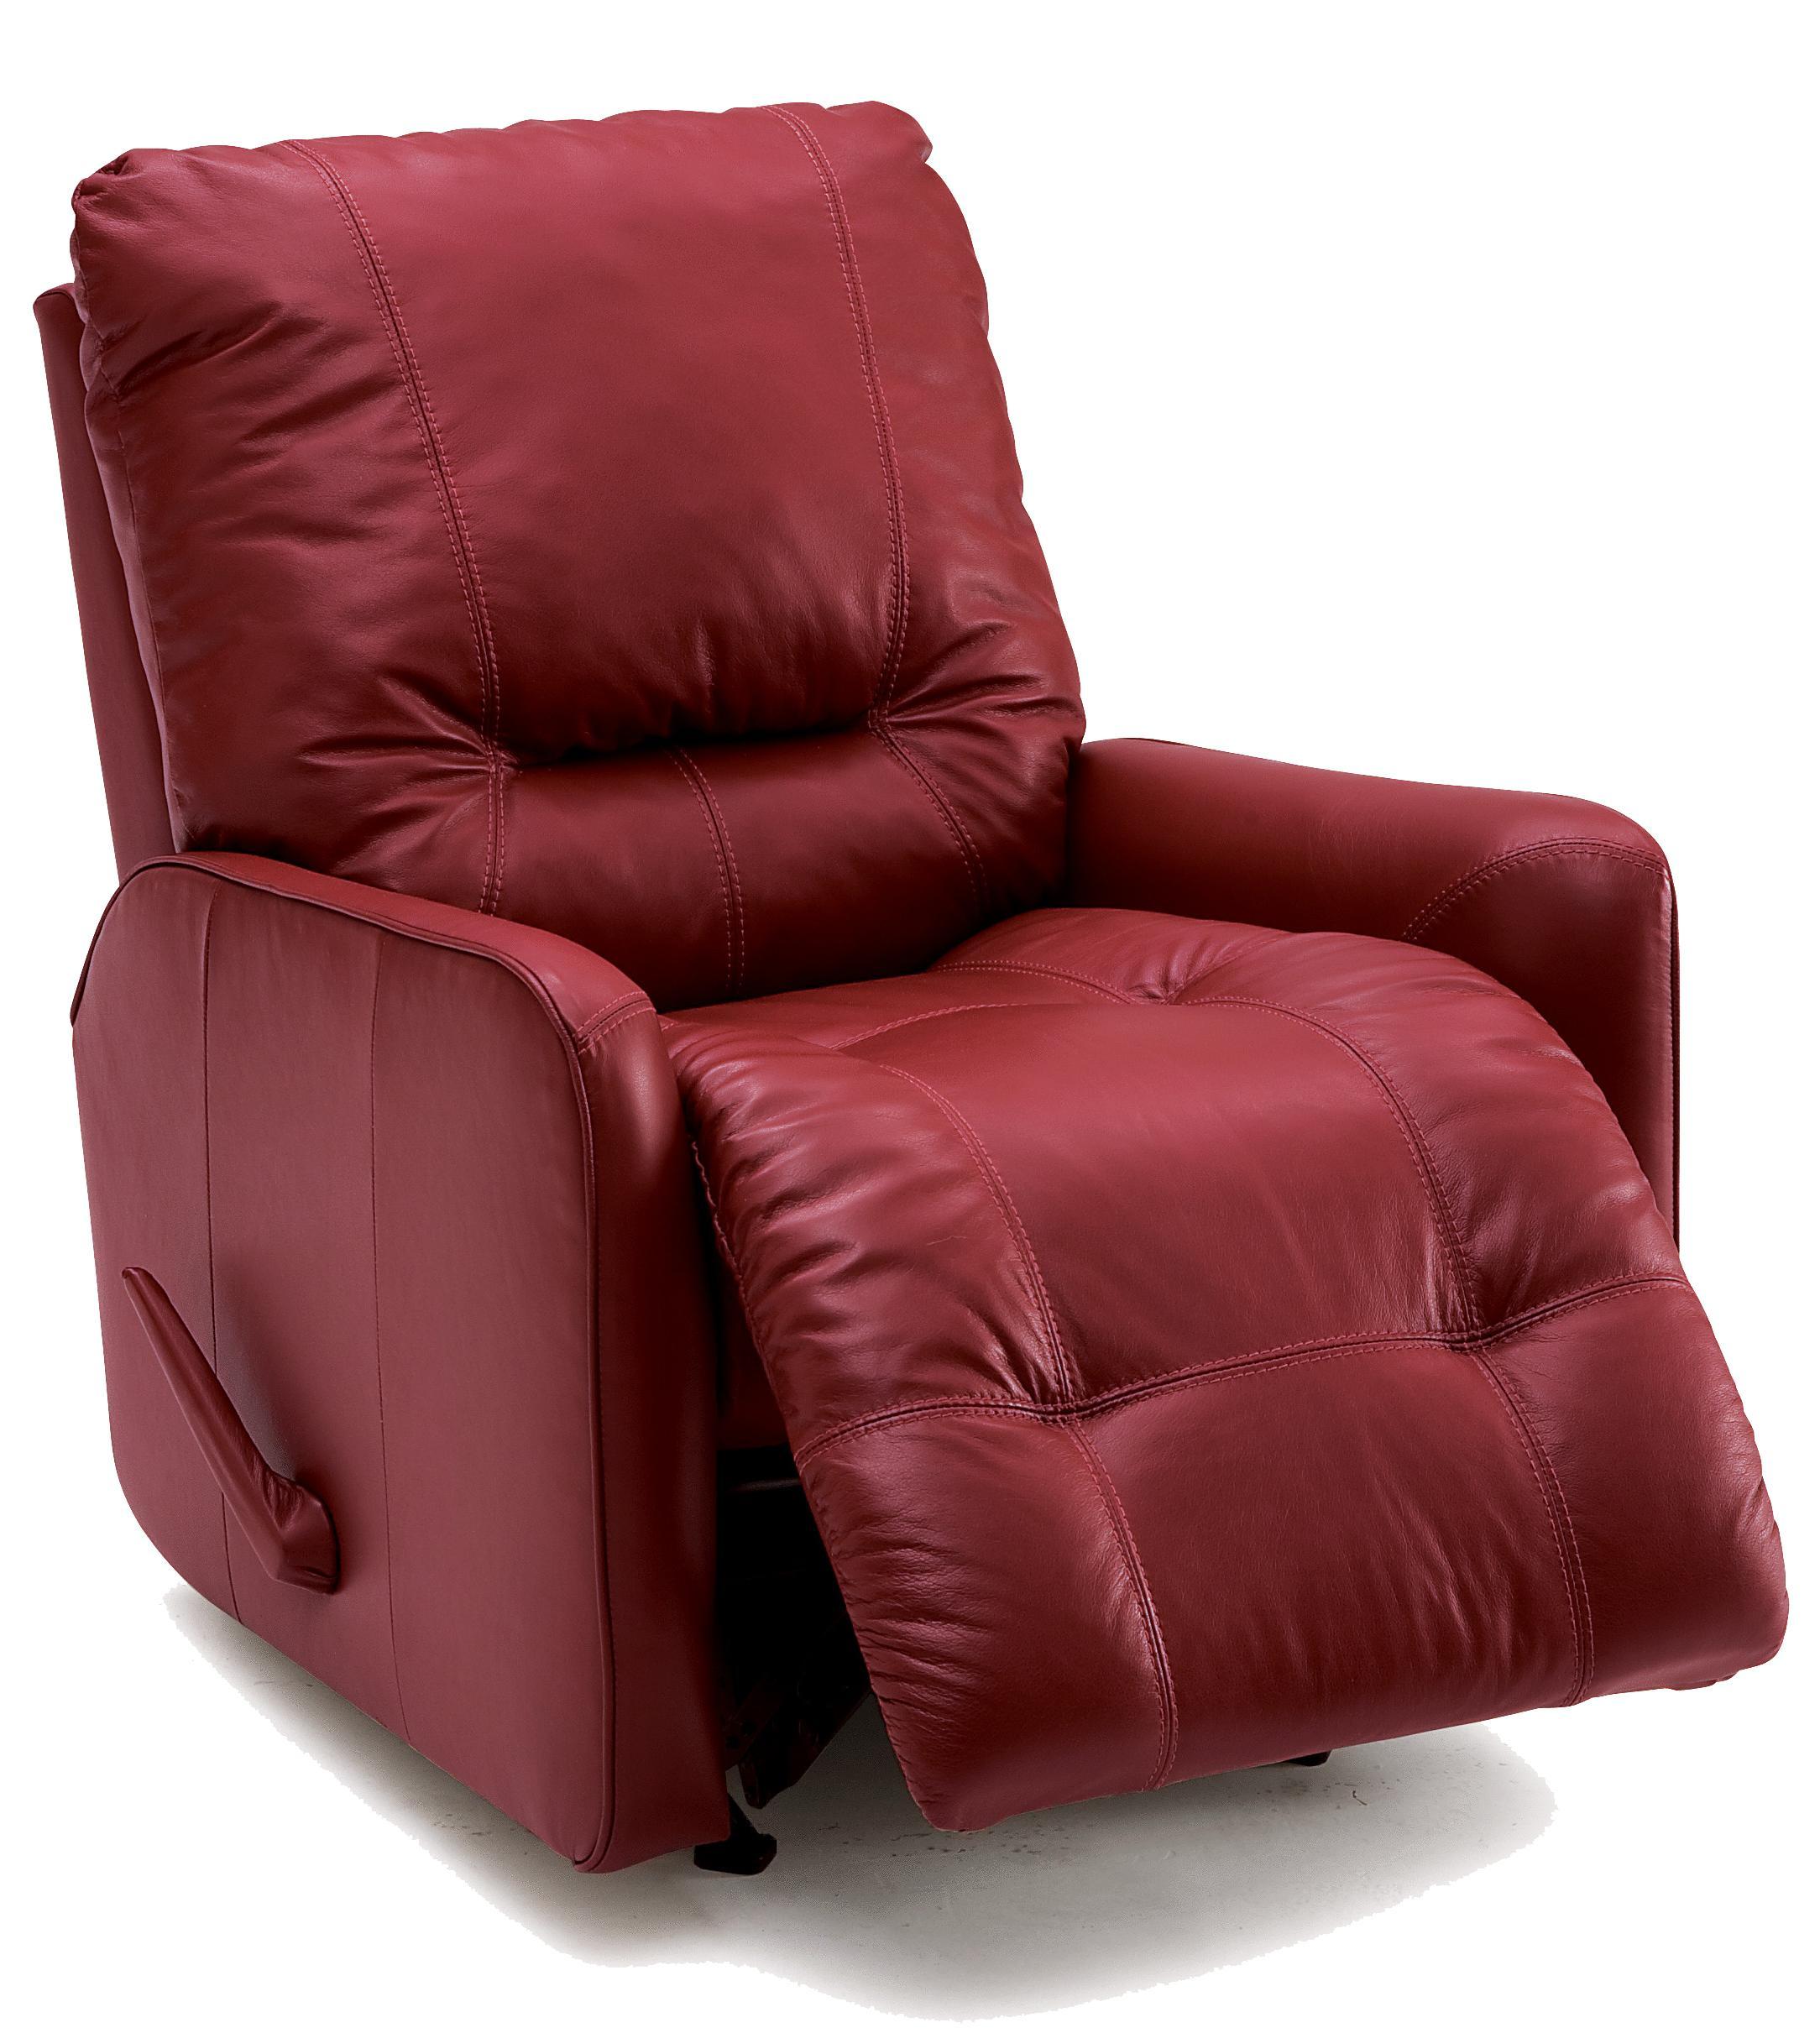 palliser samara convenient power lift chair ahfa lift recliner